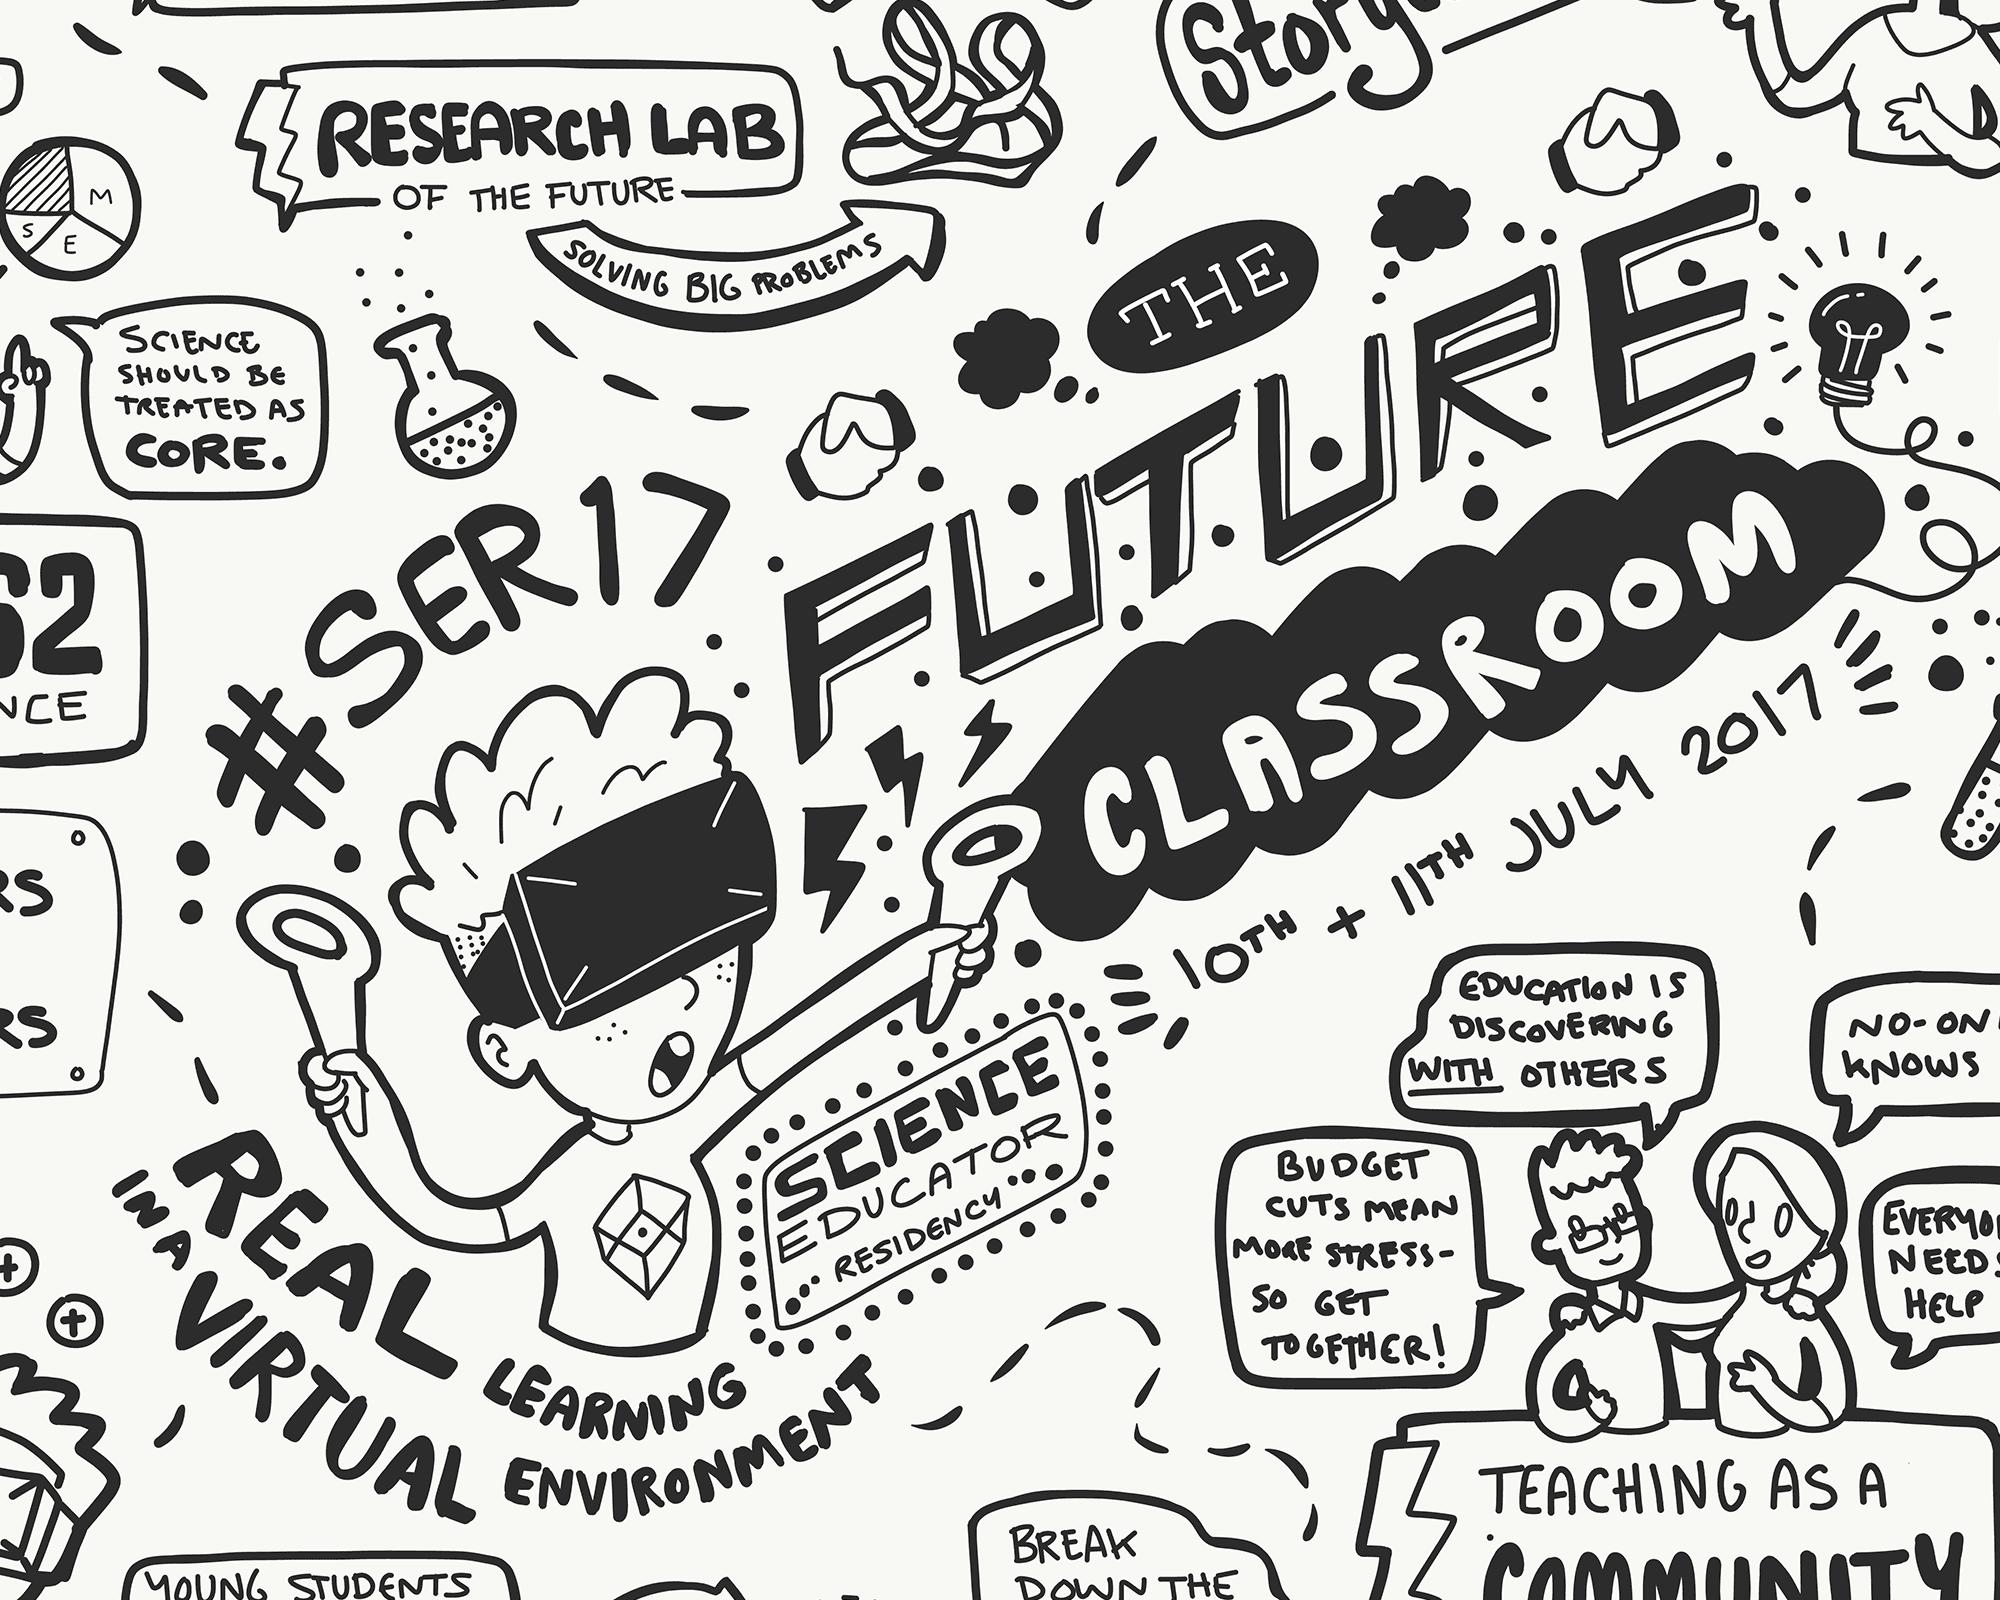 Science Educator Residency 2017 sketchnotes